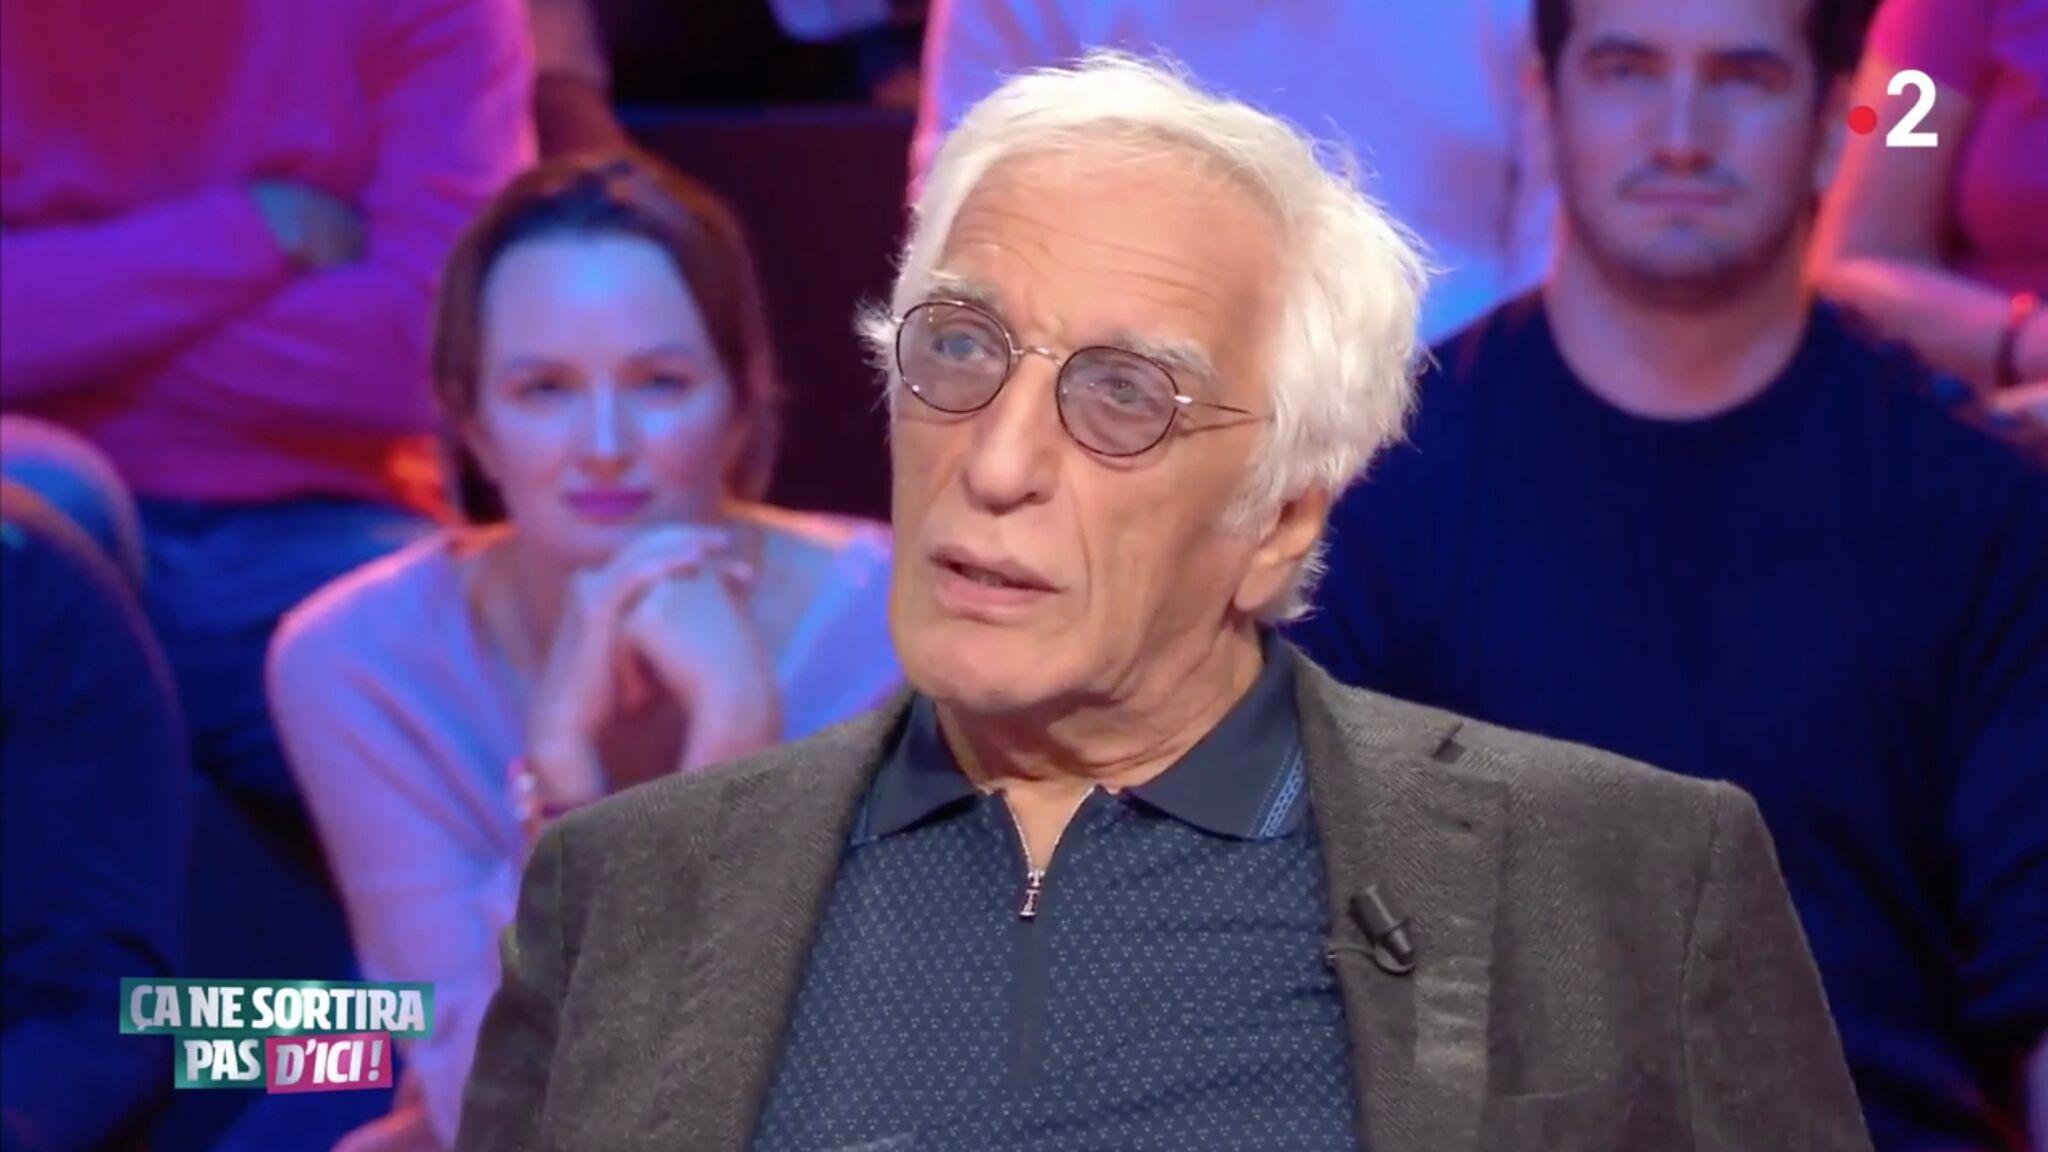 VIDEO Gérard Darmon et Michel Cymes se confient sur les attouchements sexuels dont ils ont été victimes enfants